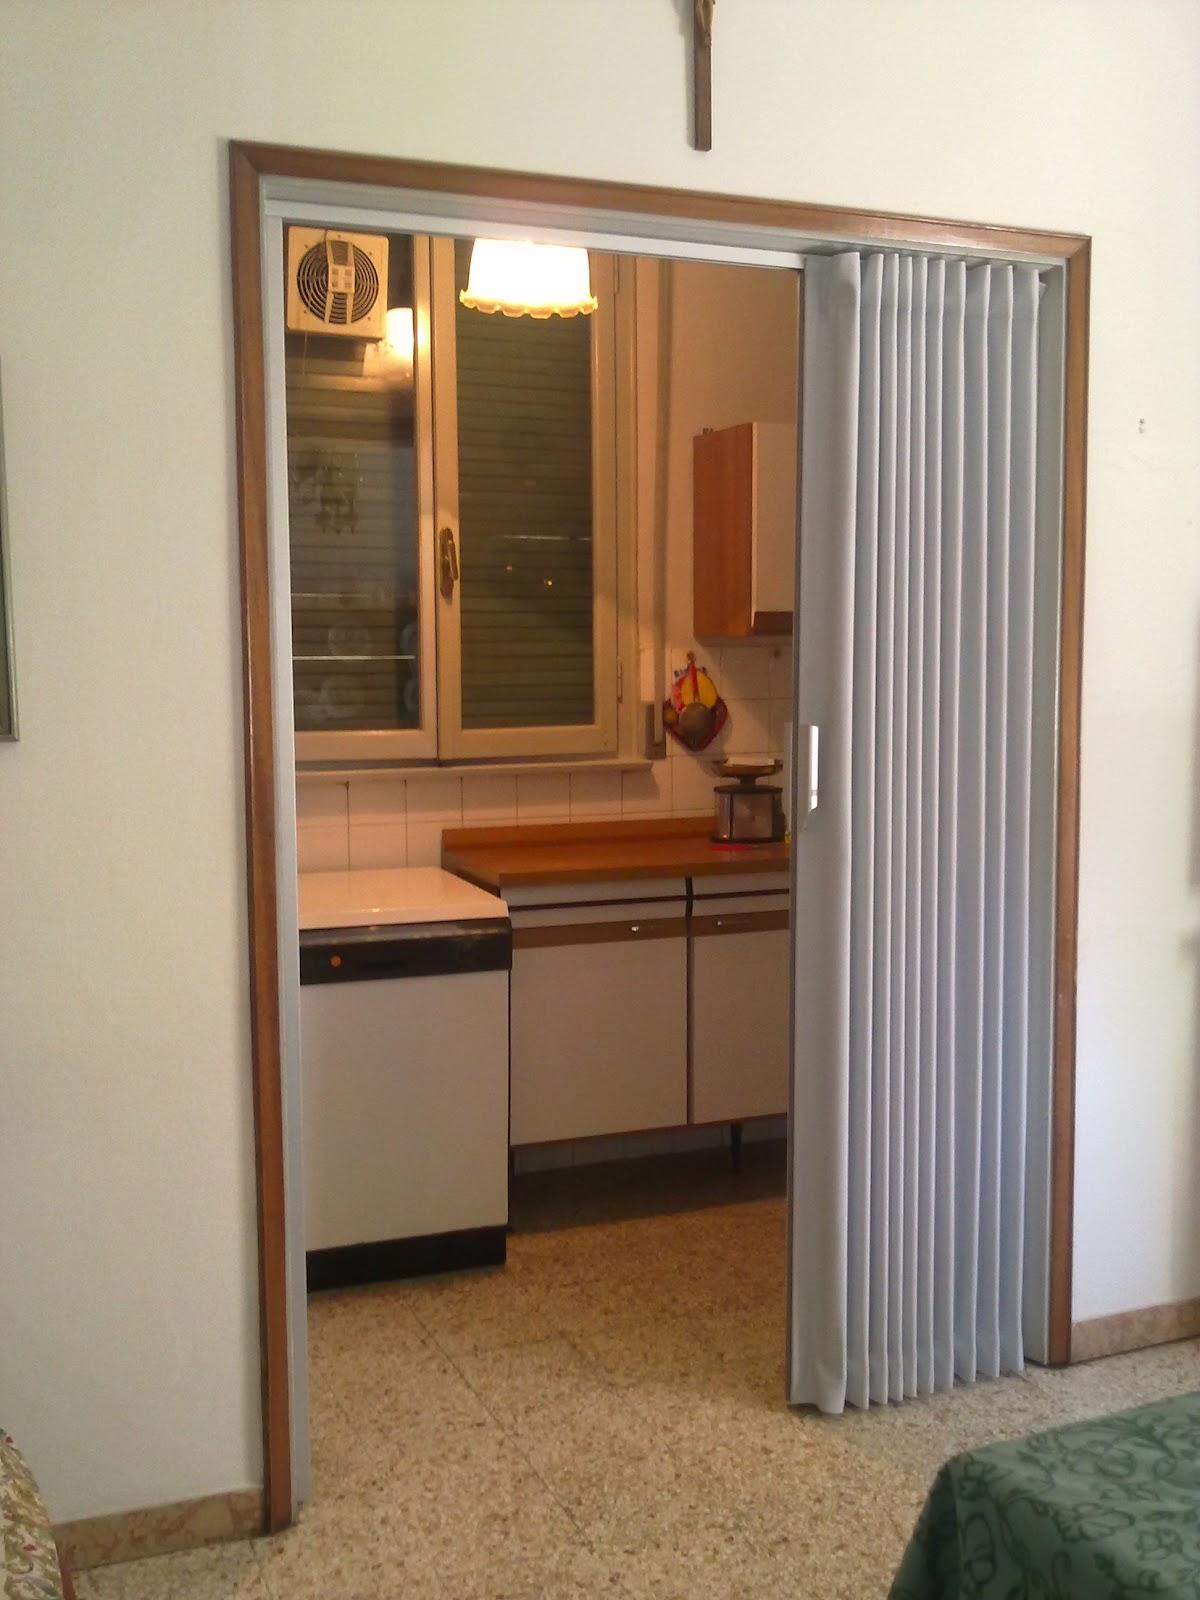 Porte a soffietto porta a soffietto per separare cucina e salotto - Porte per cucina ...